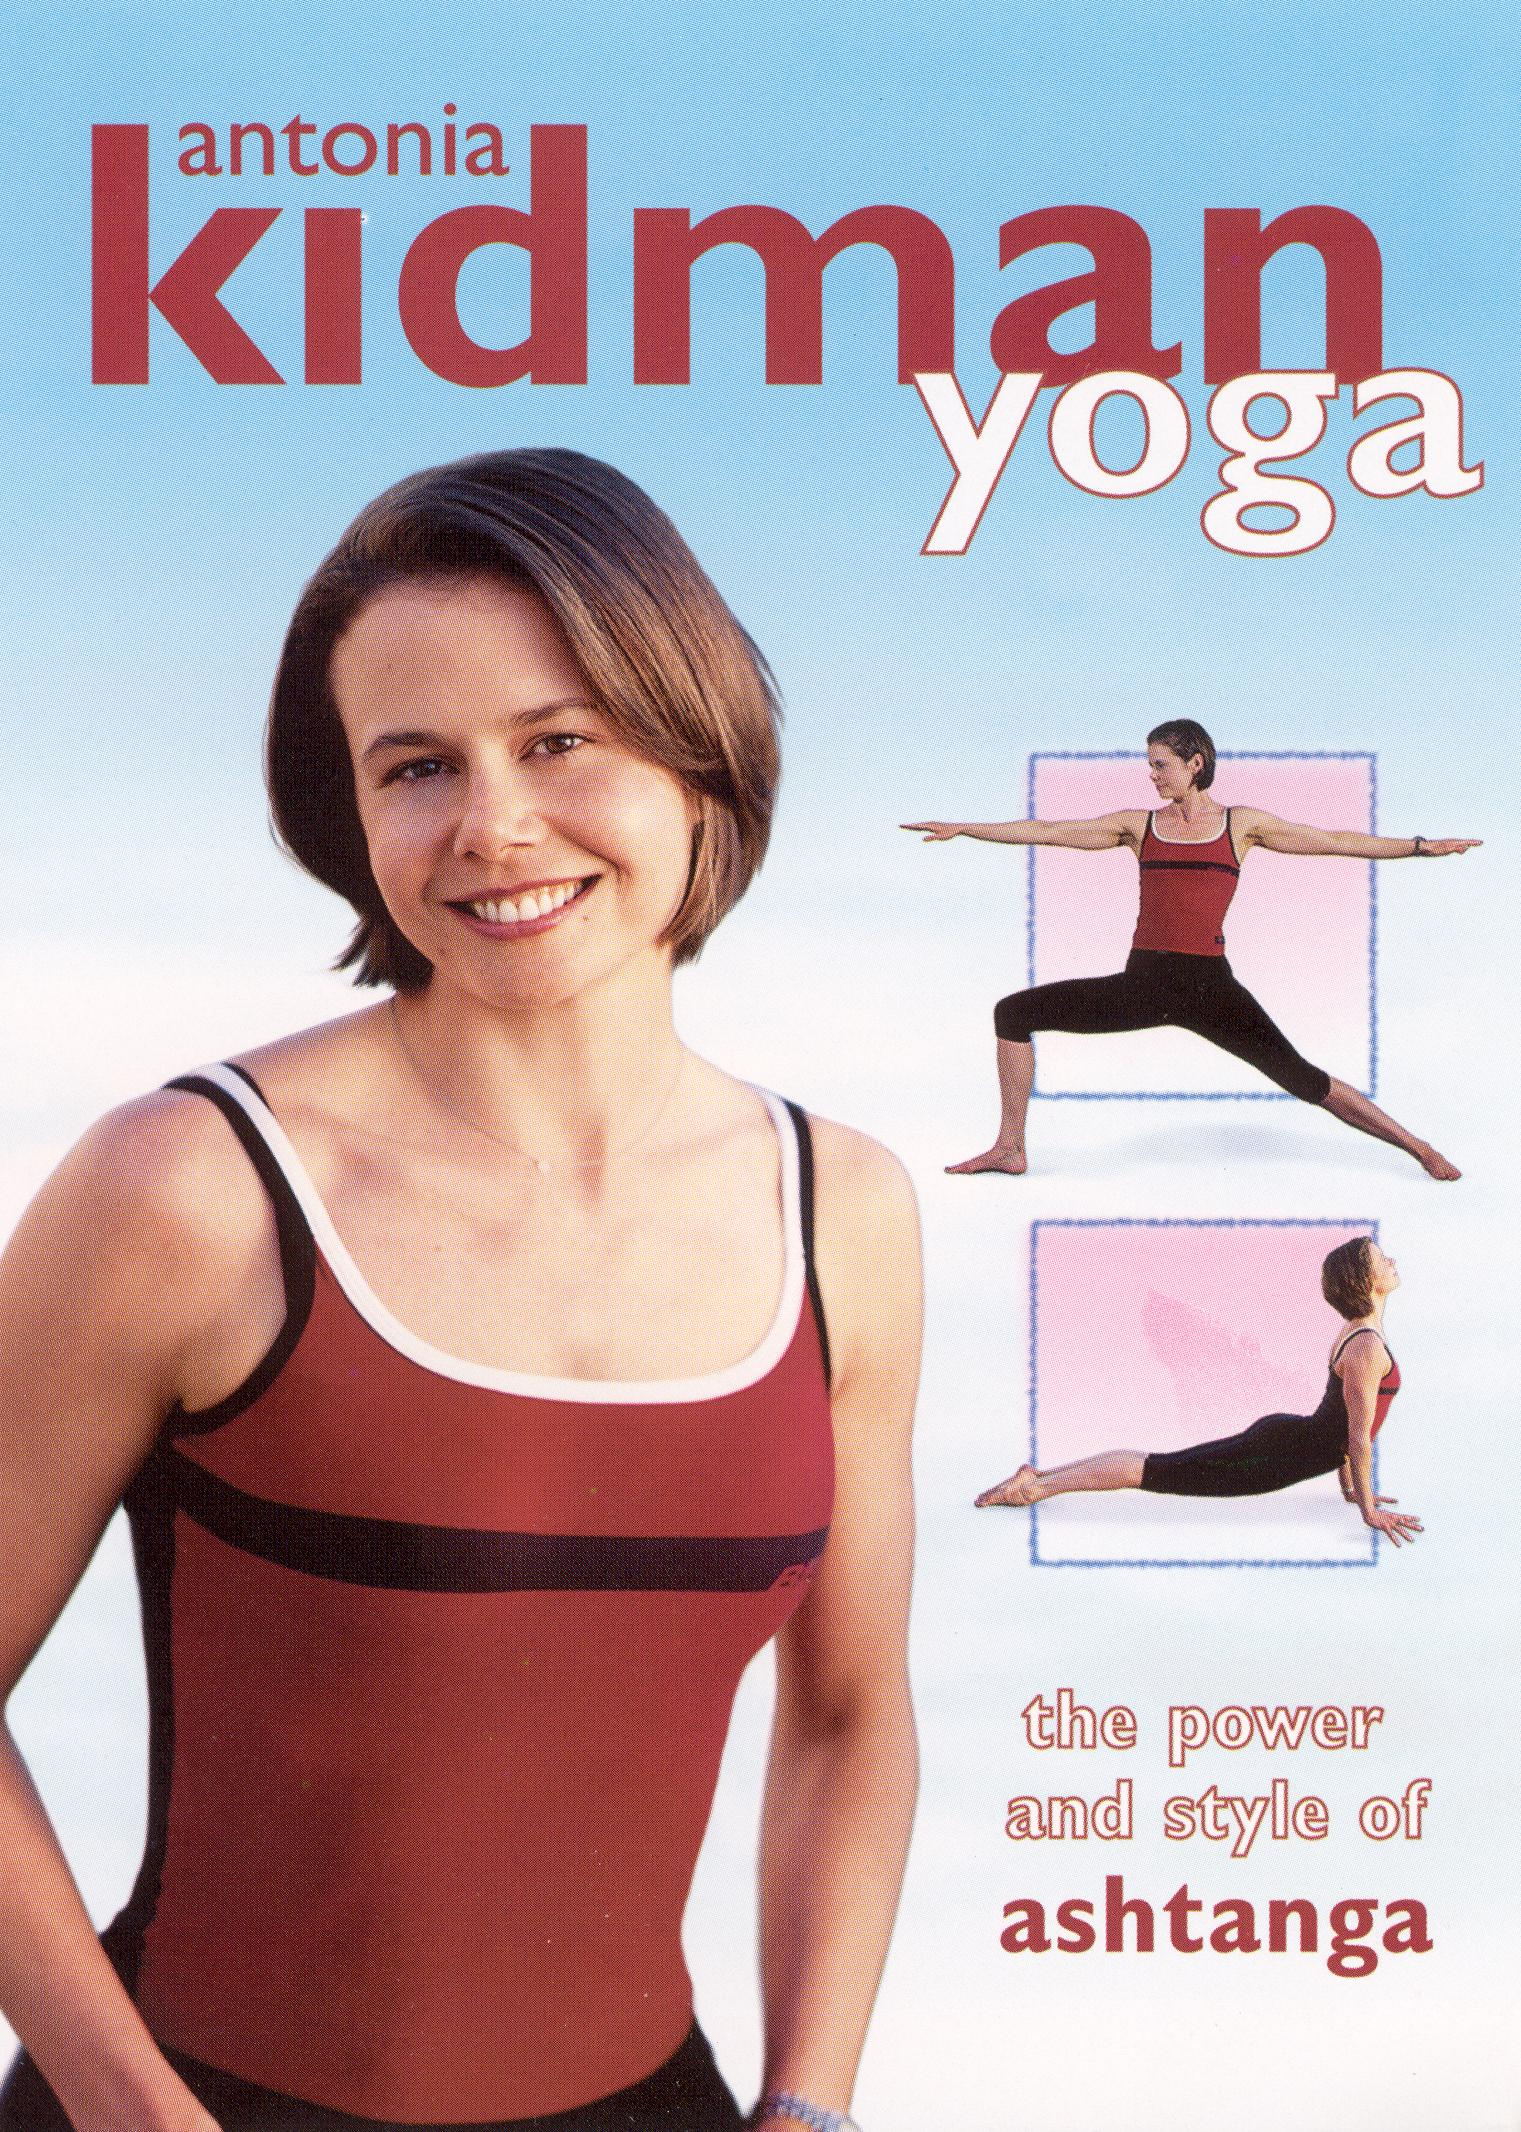 Antonia Kidman Yoga: The Power and Style of Ashtanga